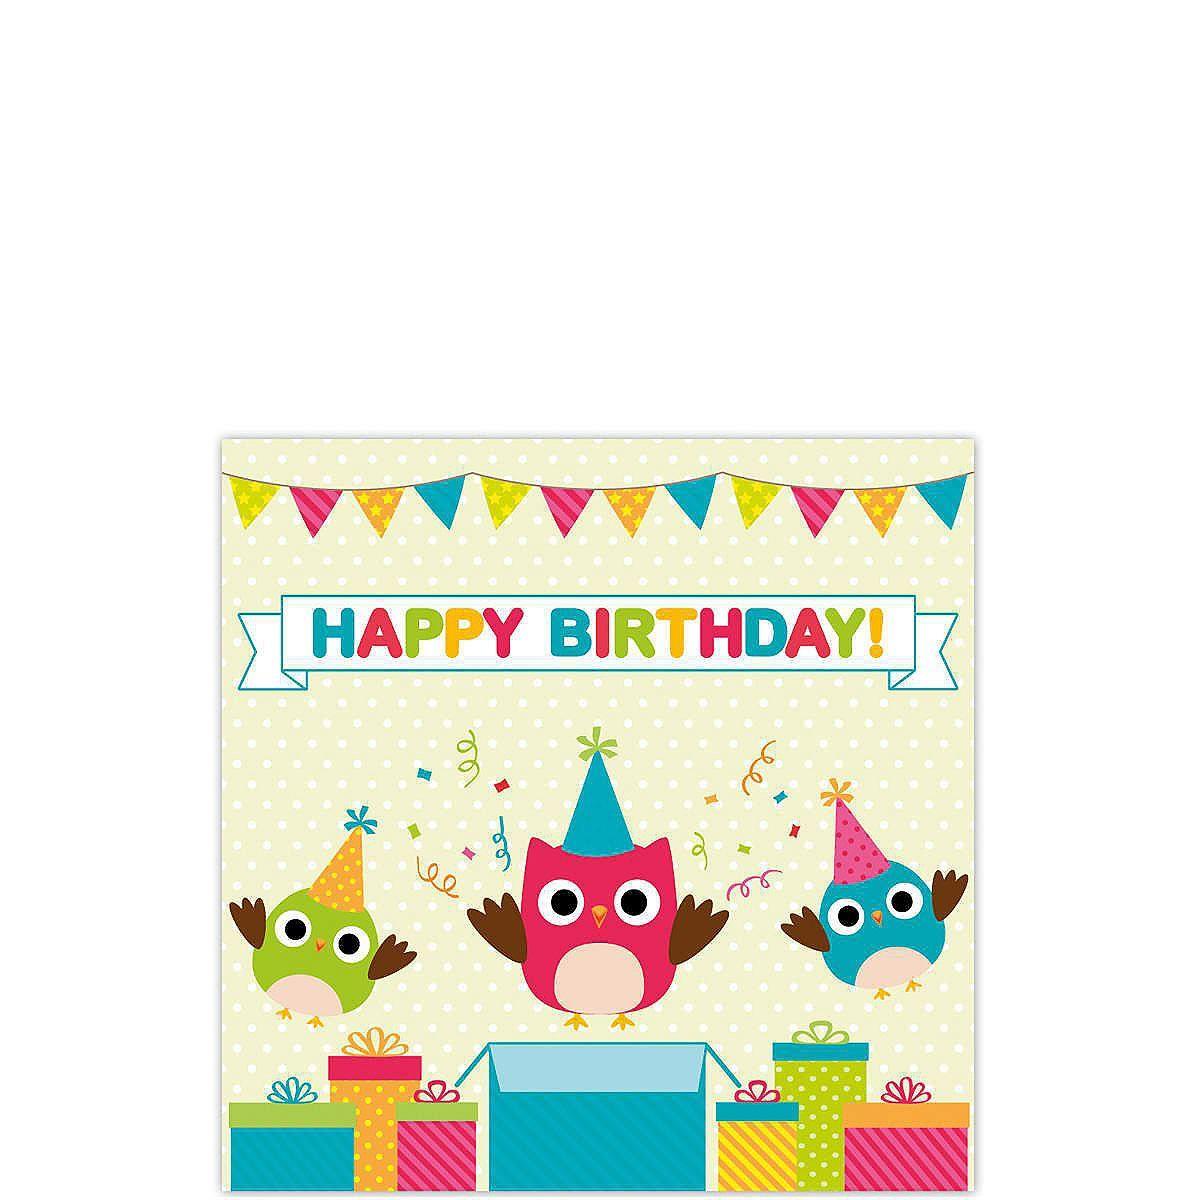 CARD Happy Birthday owl    Sie wählen Ihr Lieblingsmotiv aus der großen Auswahl - und haben beim Schreiben gute Karten. Denn die Rückseite dieser Karte im klassischen Postkartenformat ist nicht unterteilt, so dass die komplette Fläche für Text, Zeichnungen, Aufkleber und andere Ideen genutzt werden kann.    Größe: ca. B 10,5 x H 15 cm...